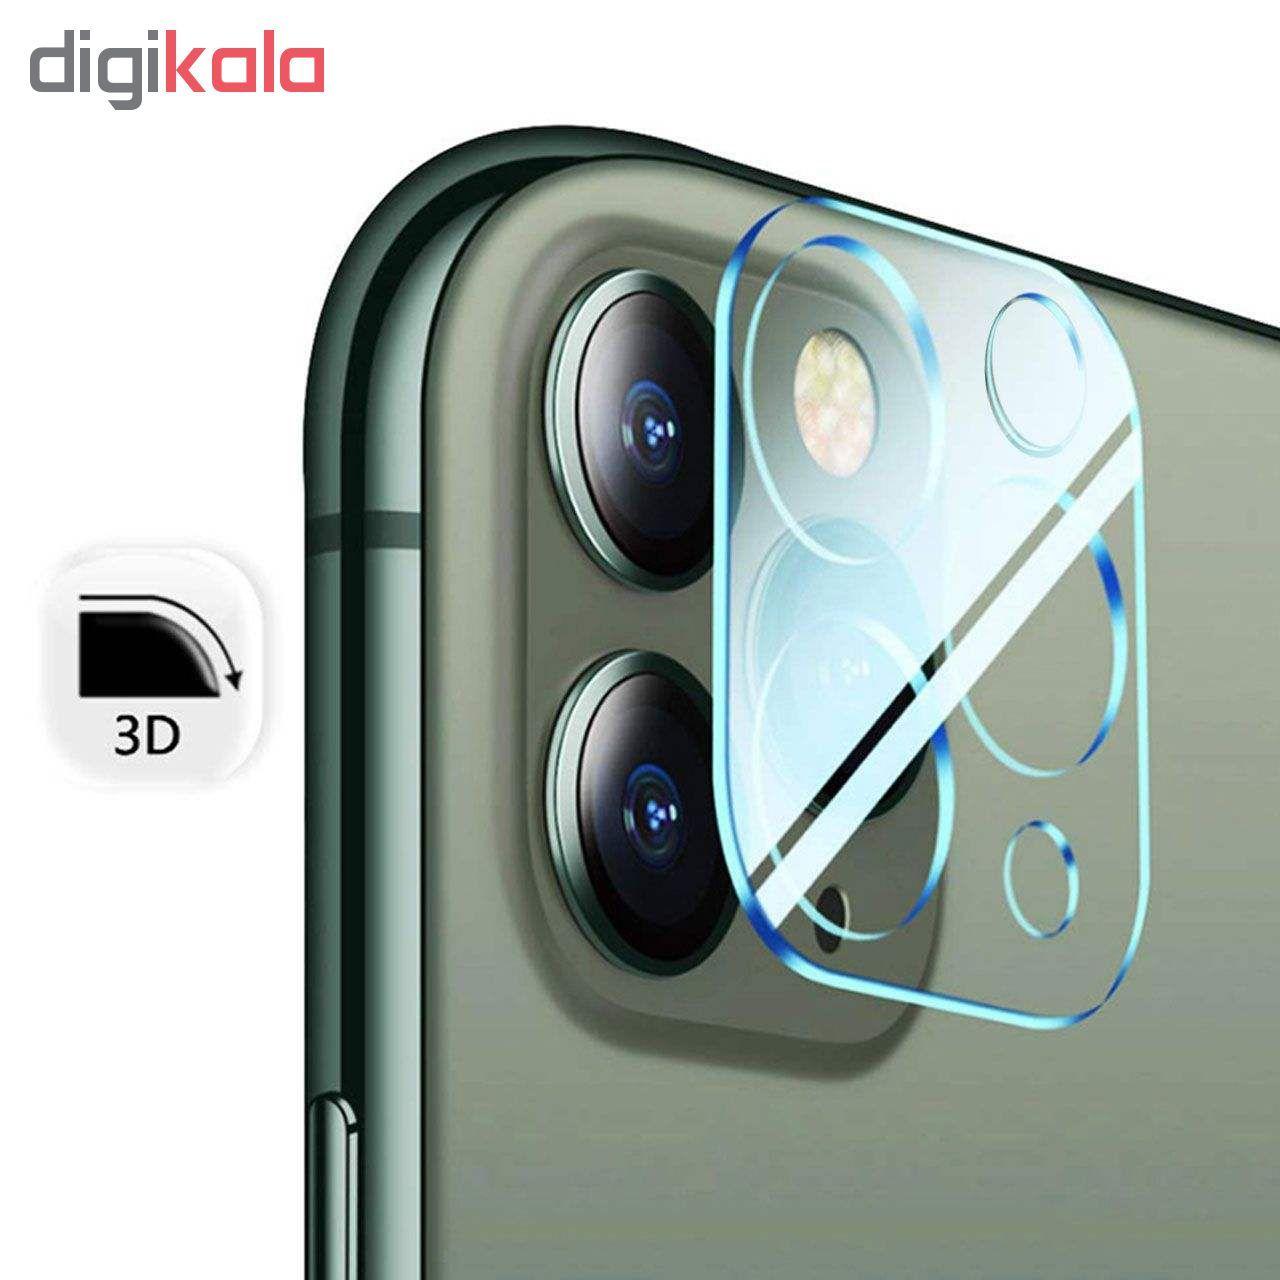 محافظ لنز دوربین مدل TC-11 مناسب برای گوشی موبایل اپل iPhone 11 Pro main 1 2